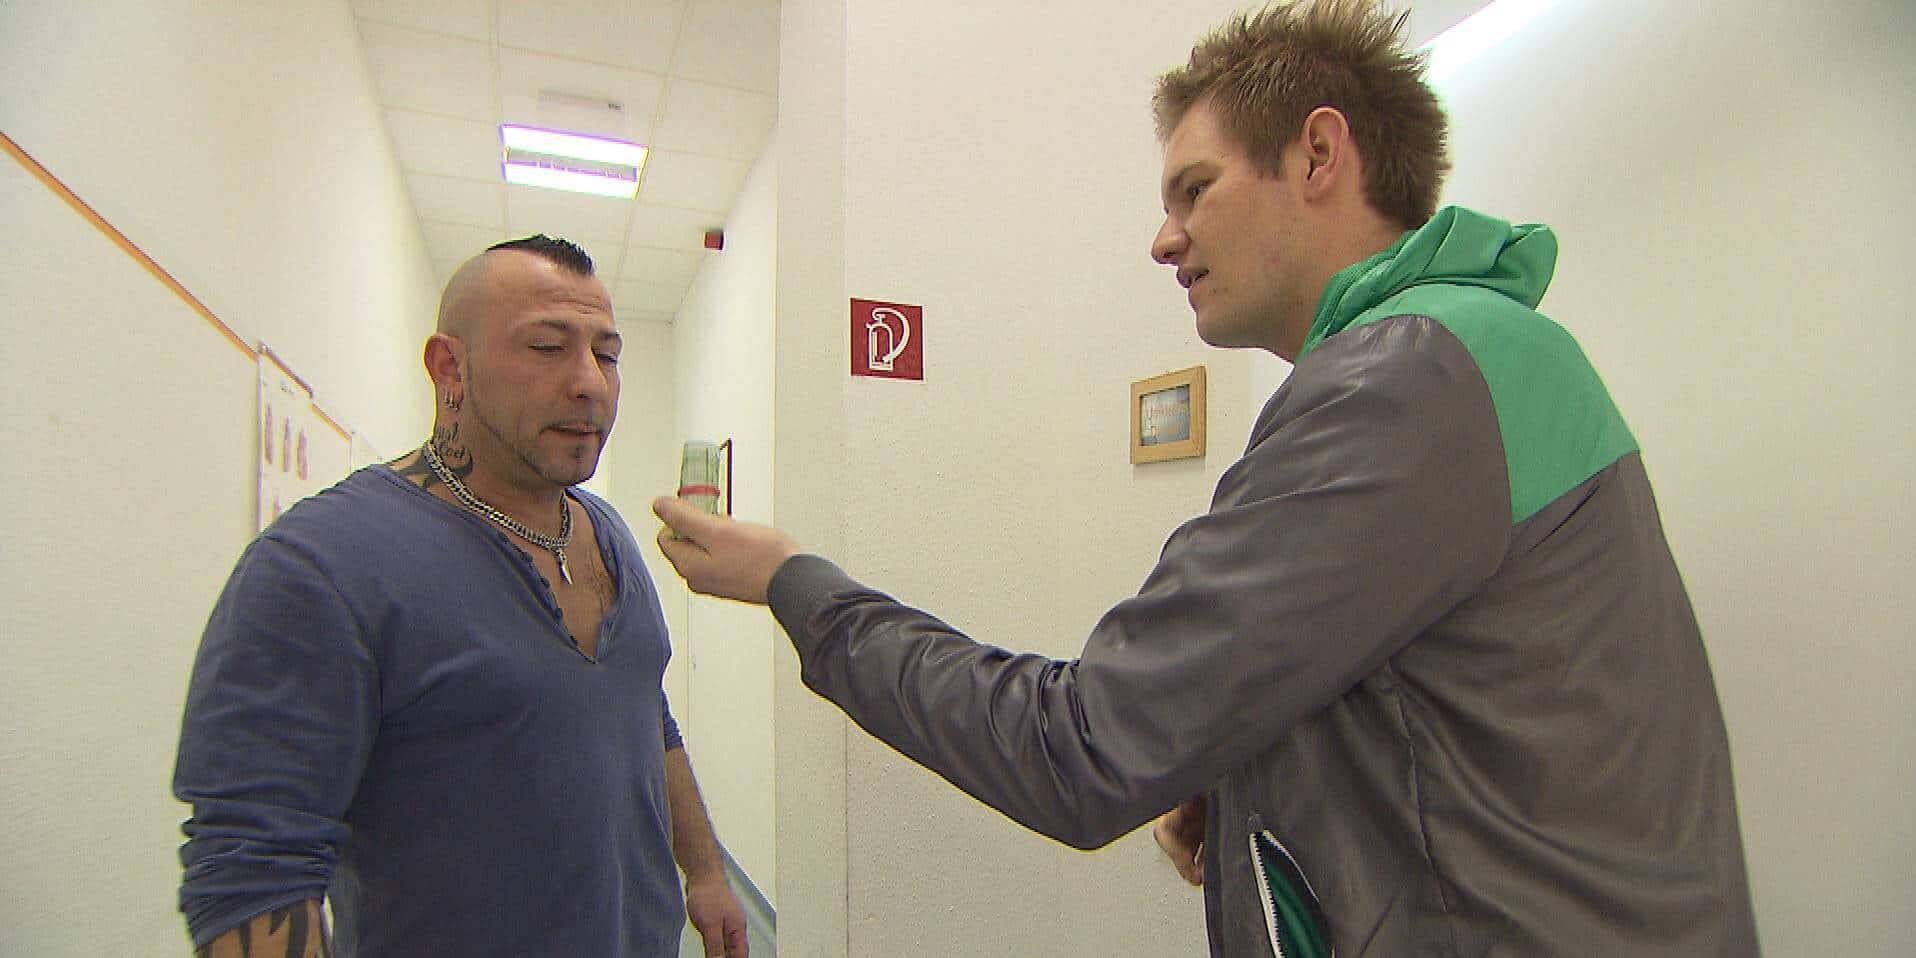 Fabrizio + Ole